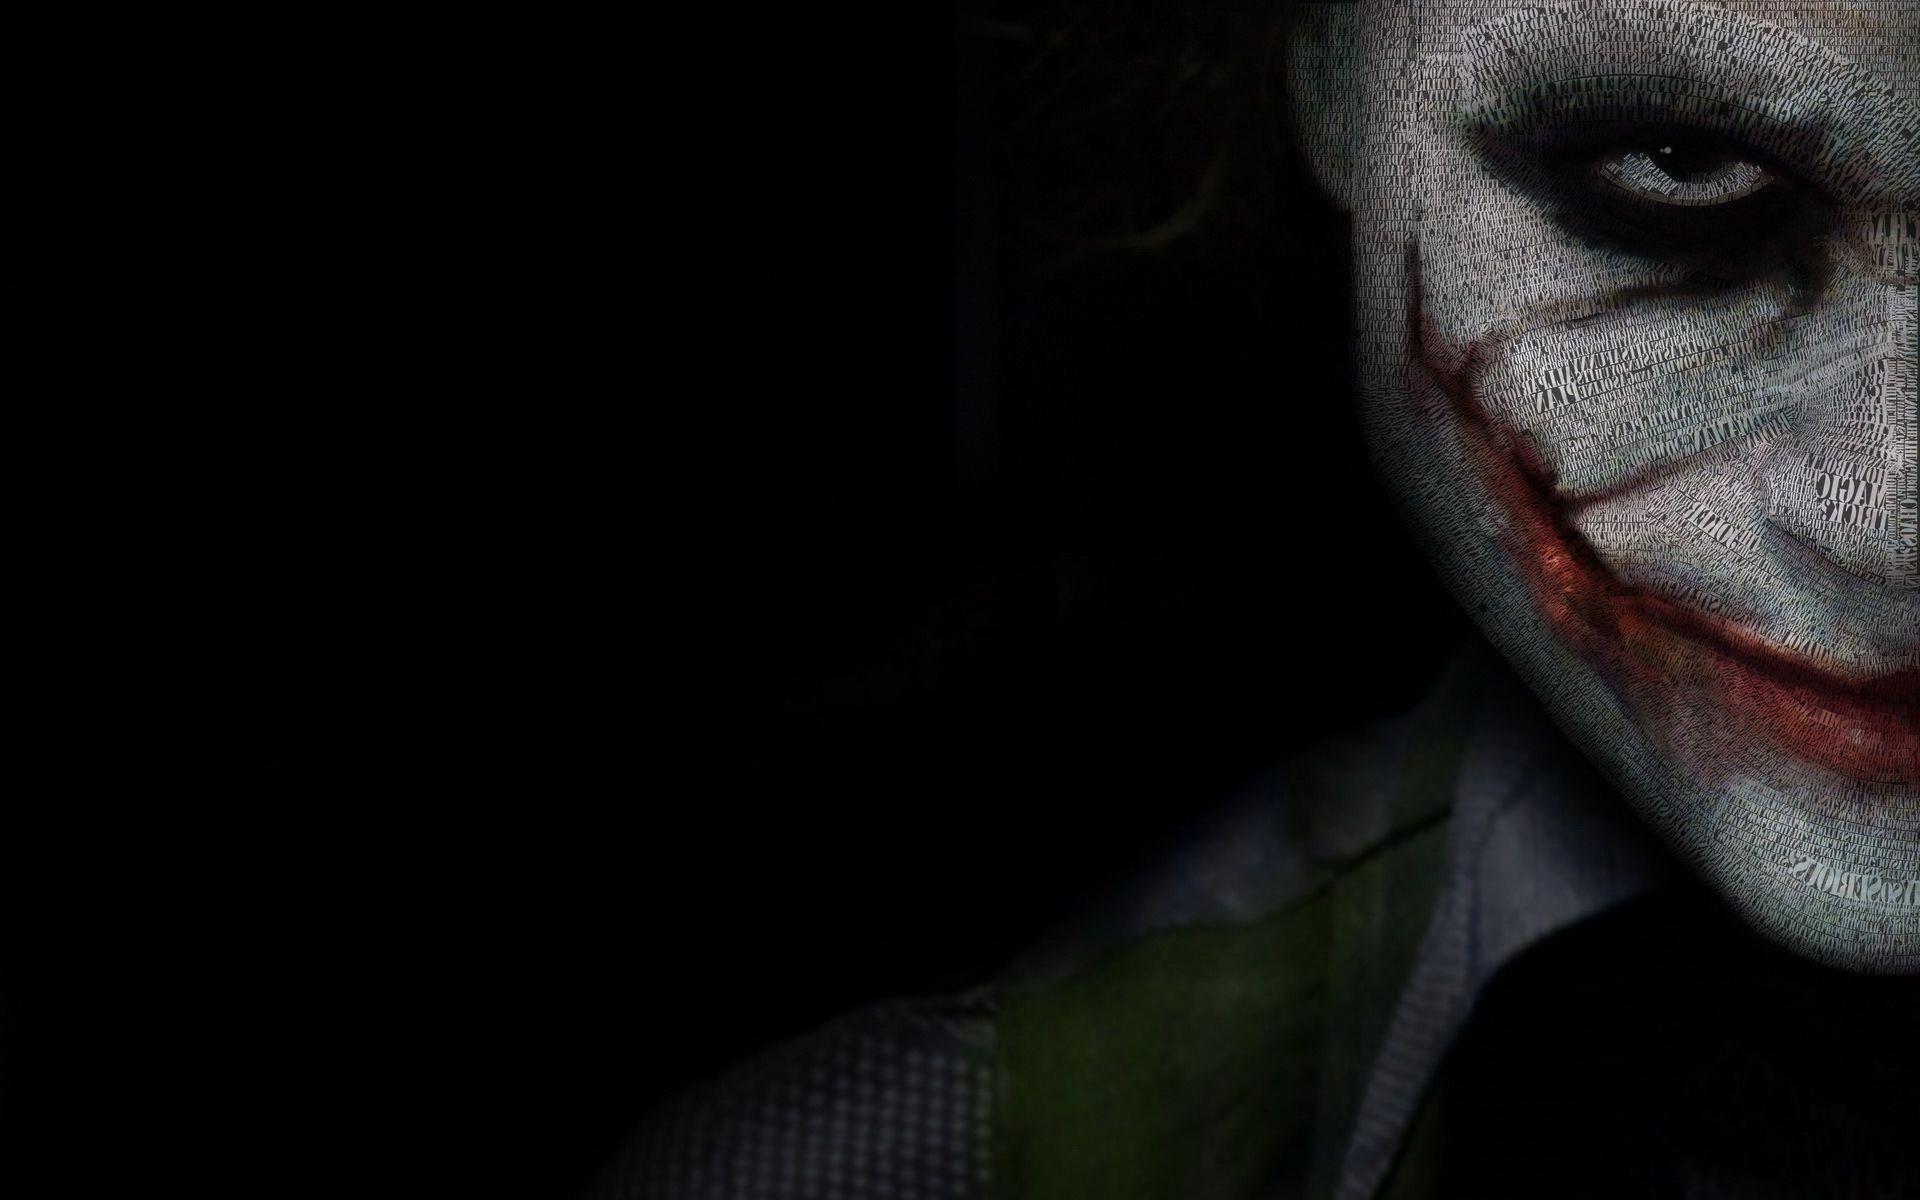 Pin By Pennyclick Tech On Laptop Advice And Ideas Joker Wallpapers Joker Pics Joker Hd Wallpaper